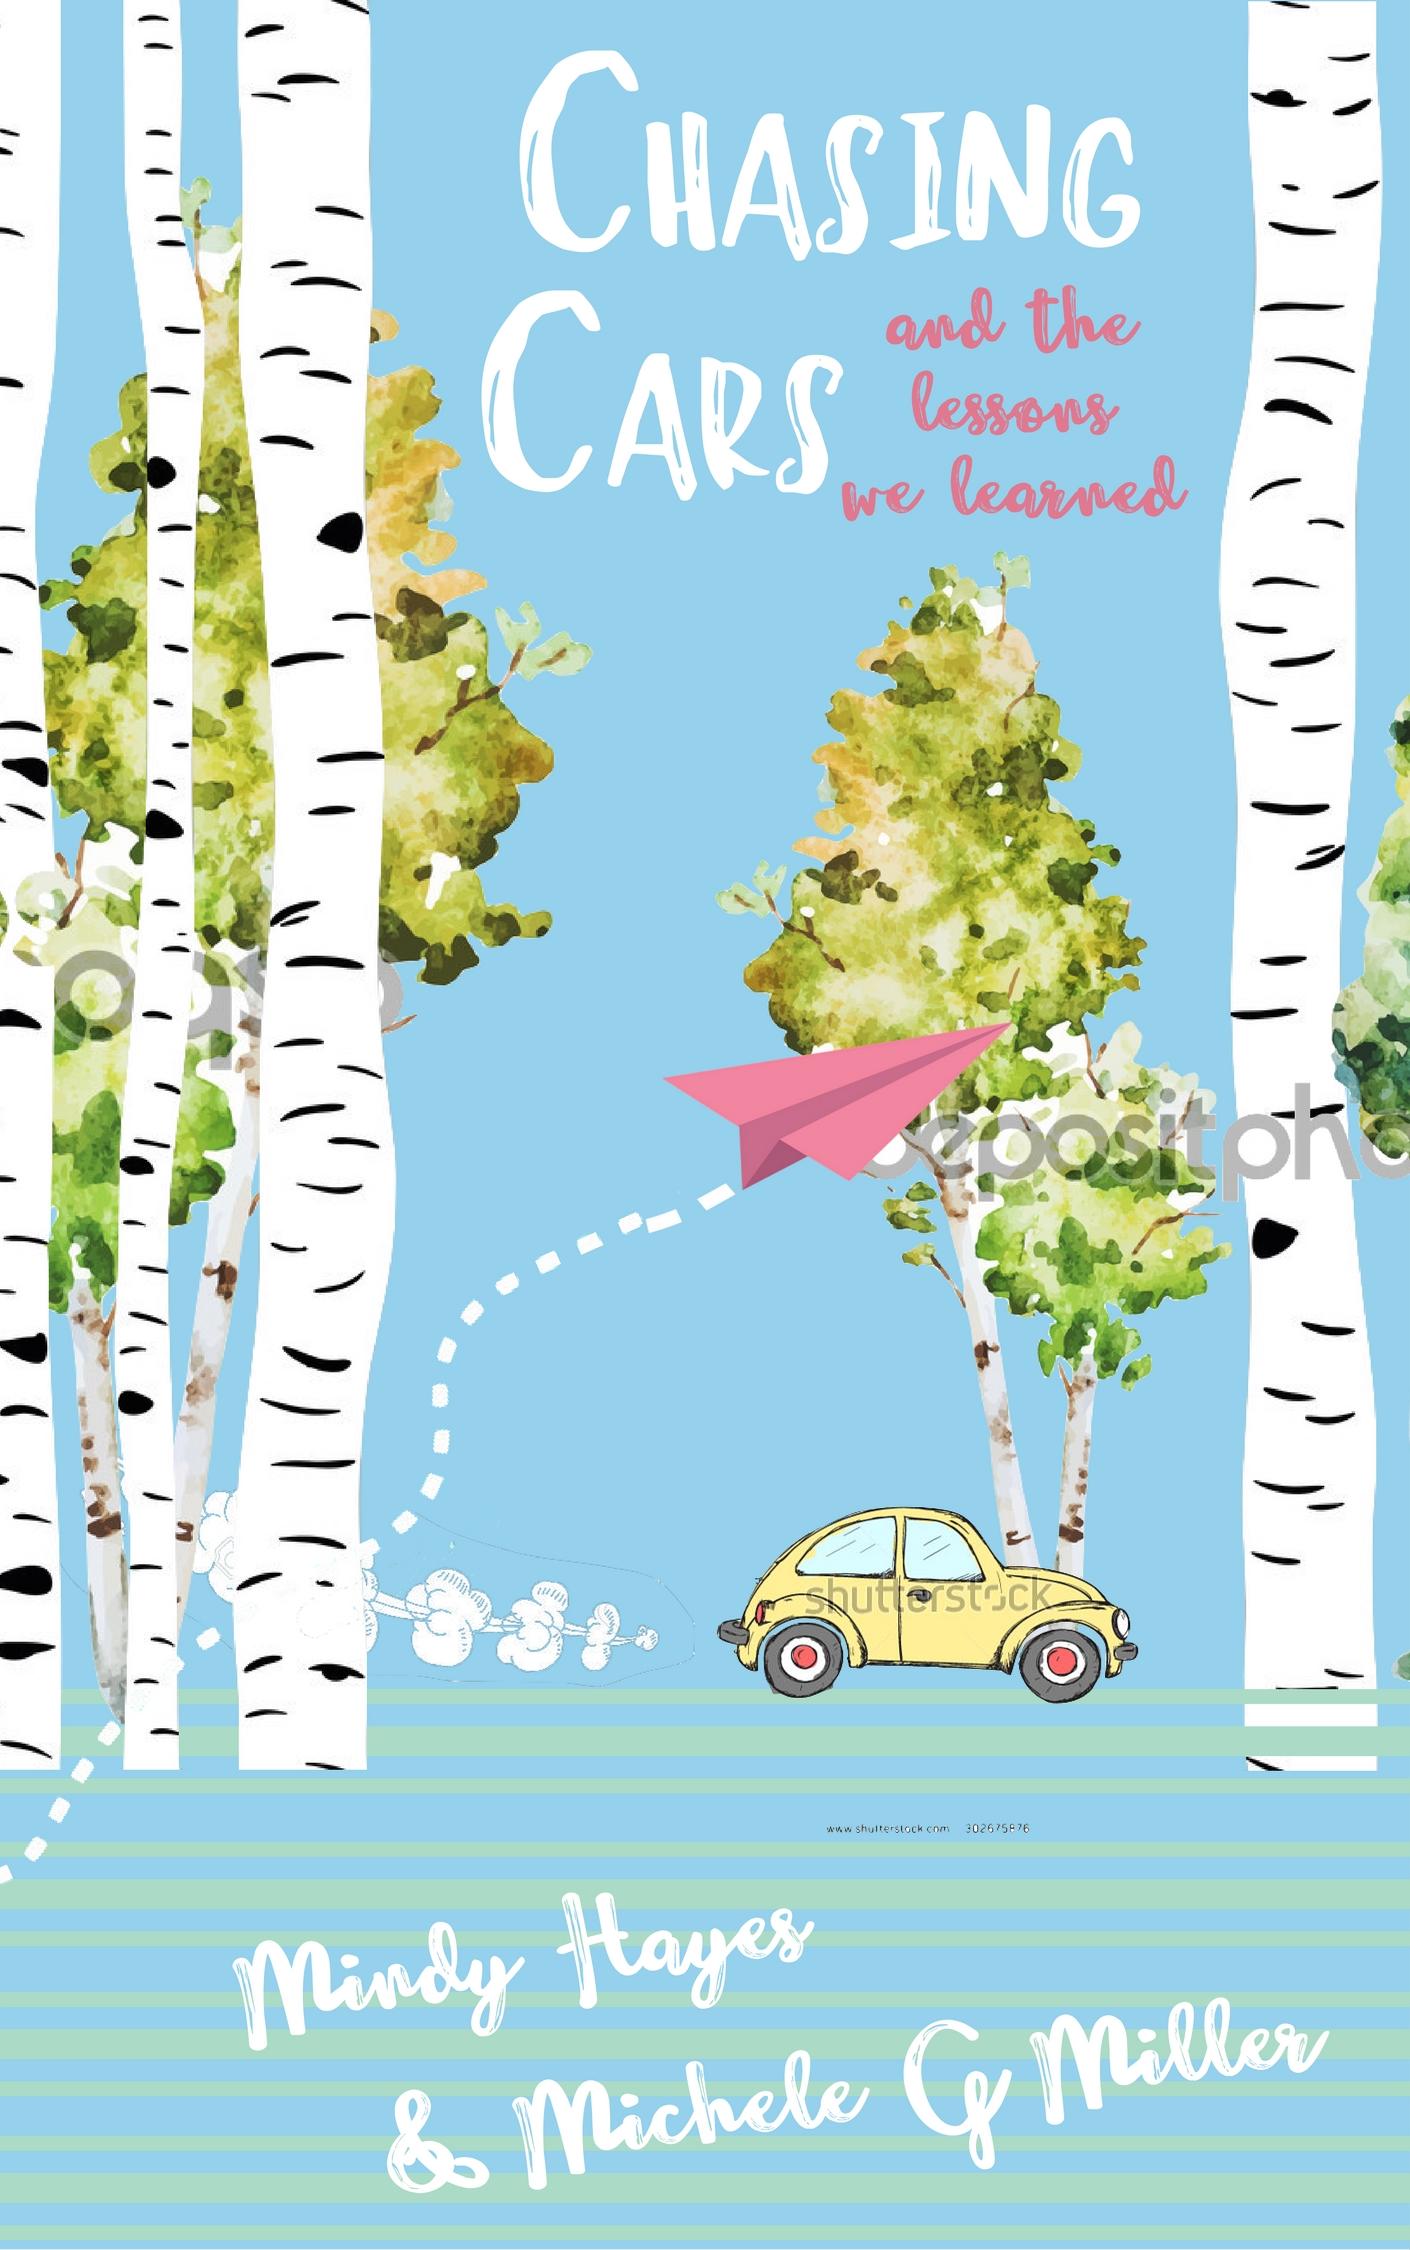 cc tree idea.jpg